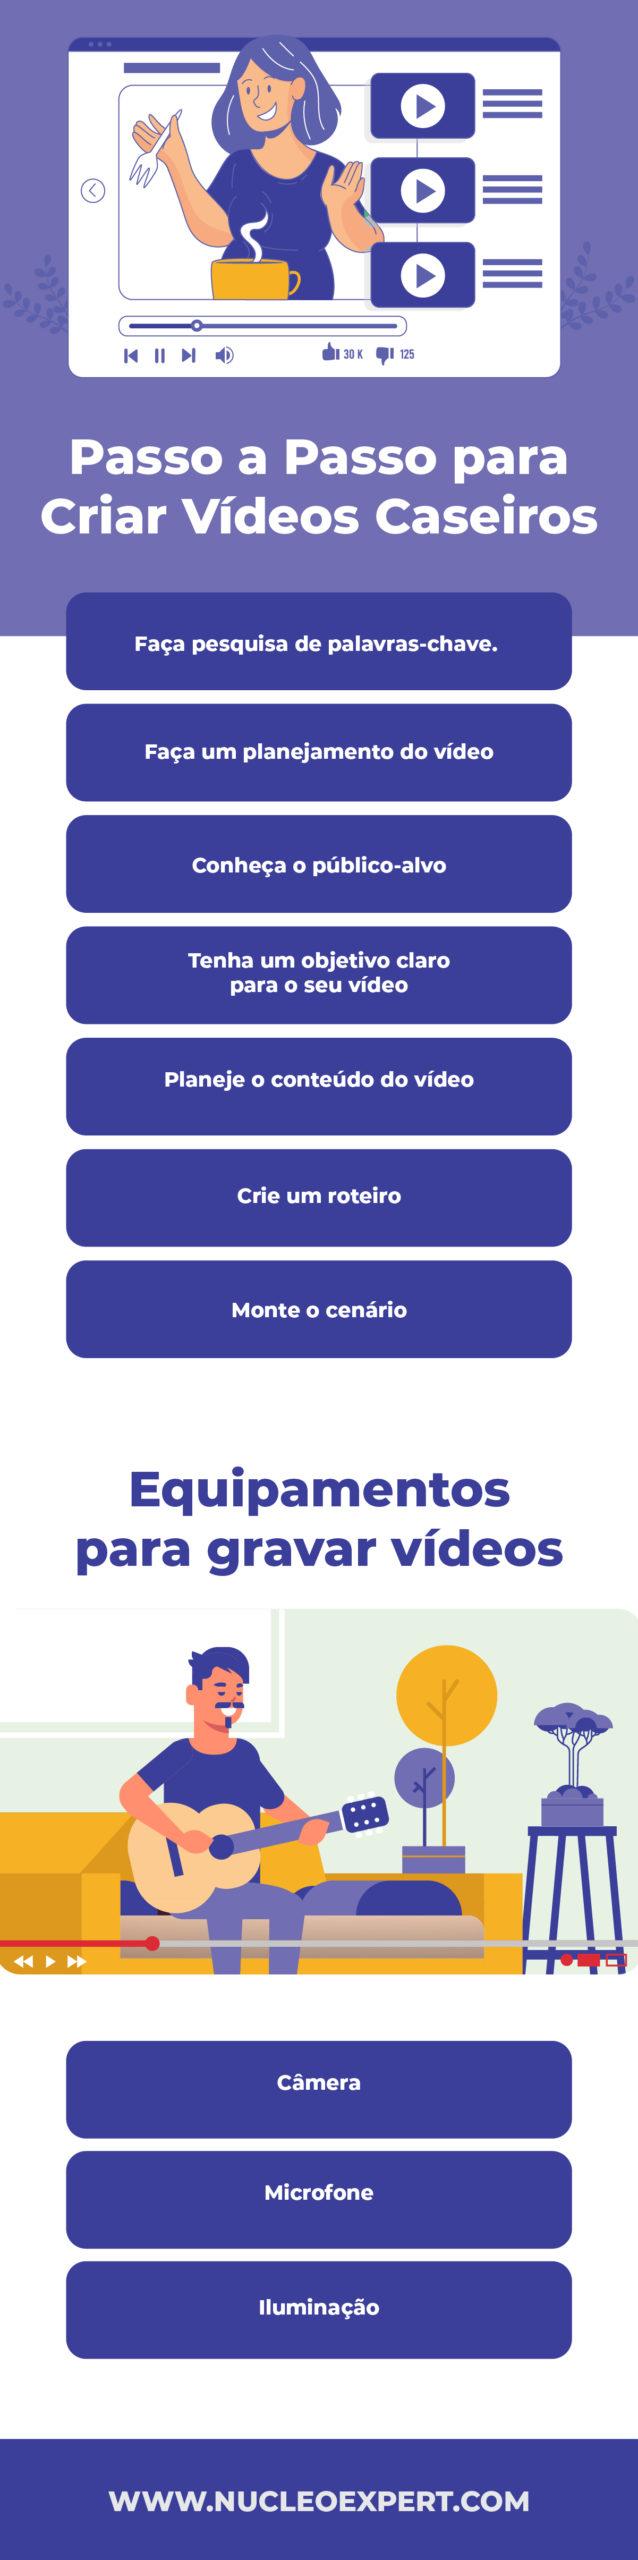 Infográfico - Vídeos Caseiros: 10 Dicas de Como Gravar